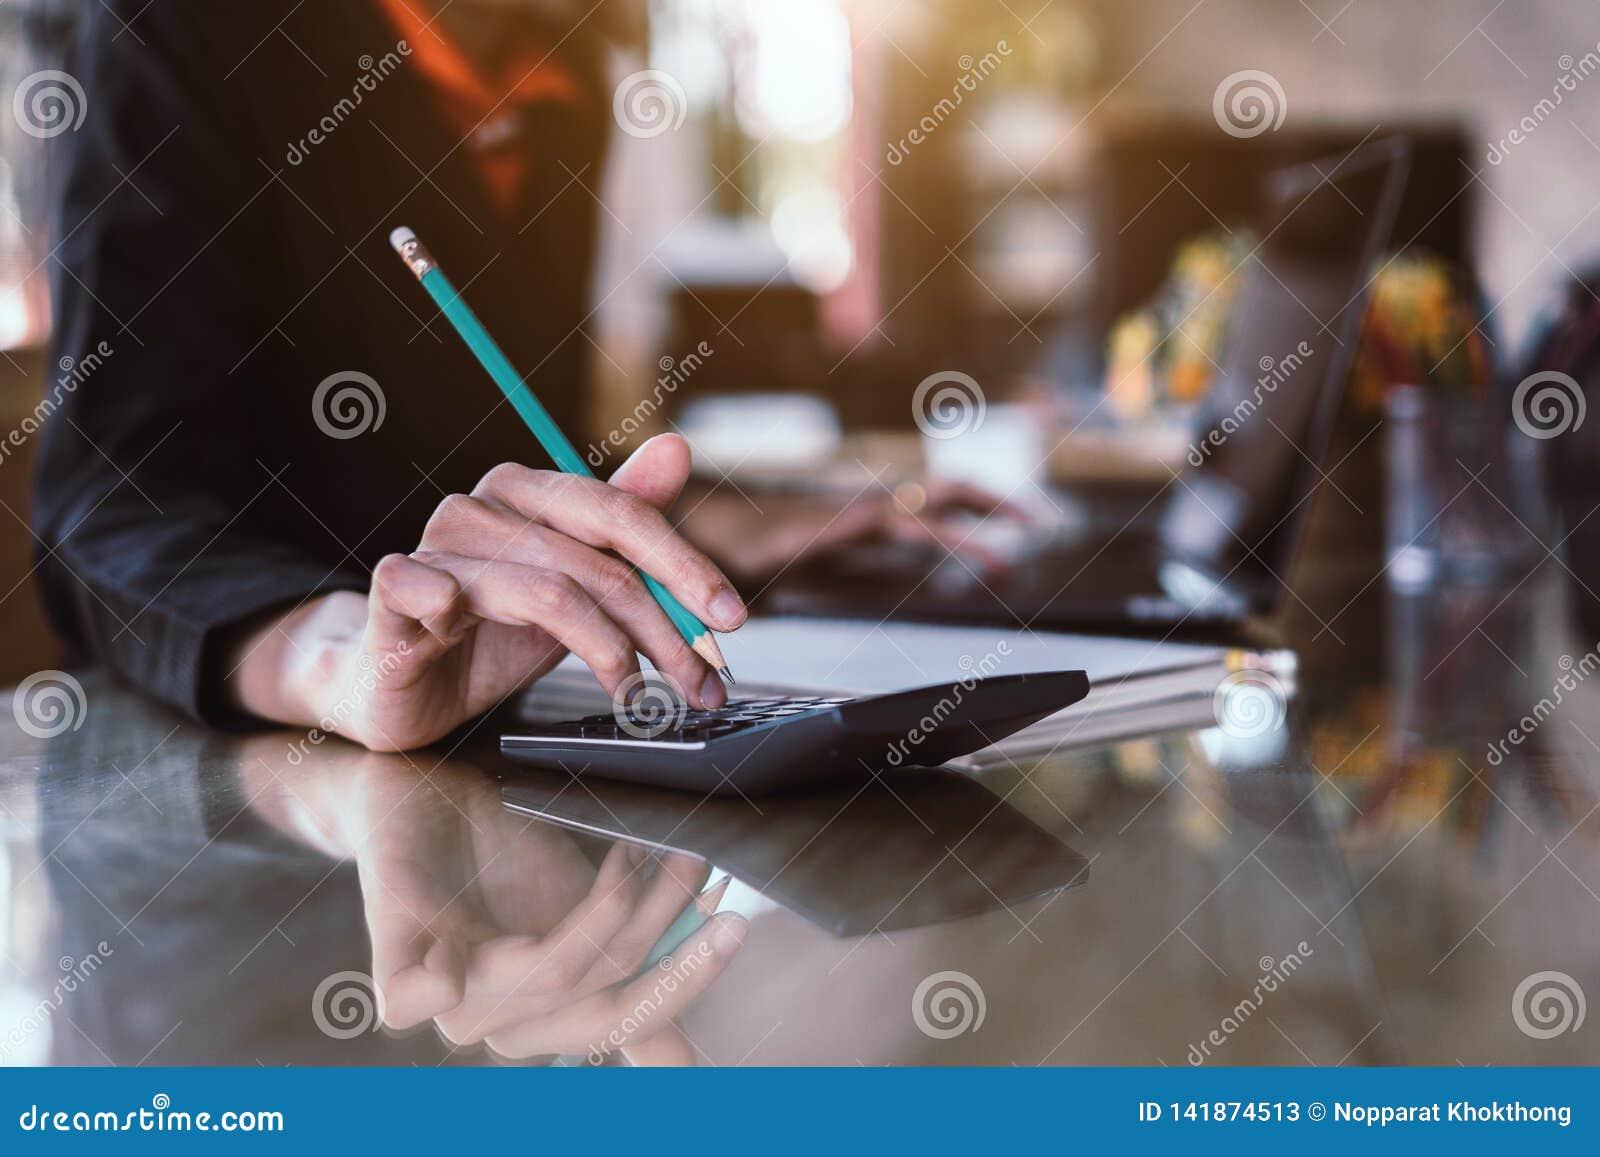 GeschäftsfrauHandpressen auf Taschenrechner für die Rechenkostenschätzung